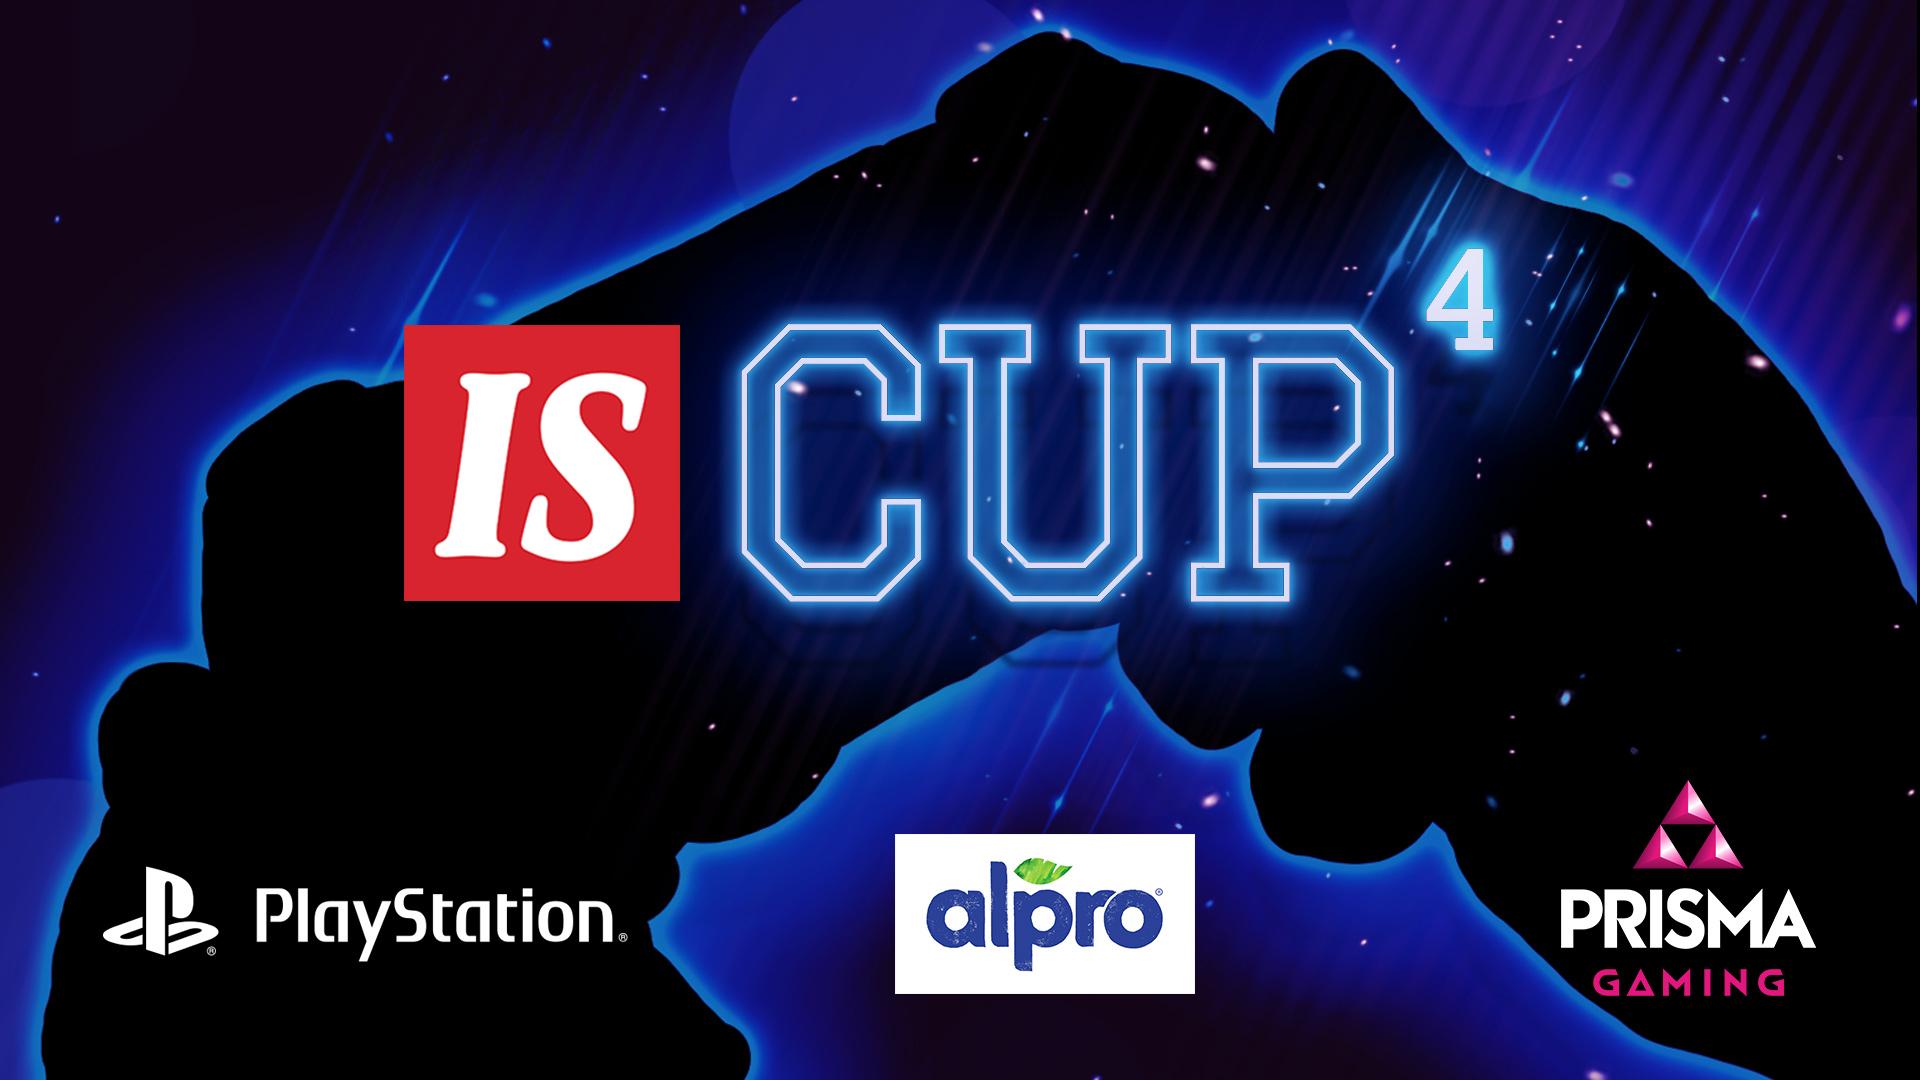 IS_Cup_4.jpg